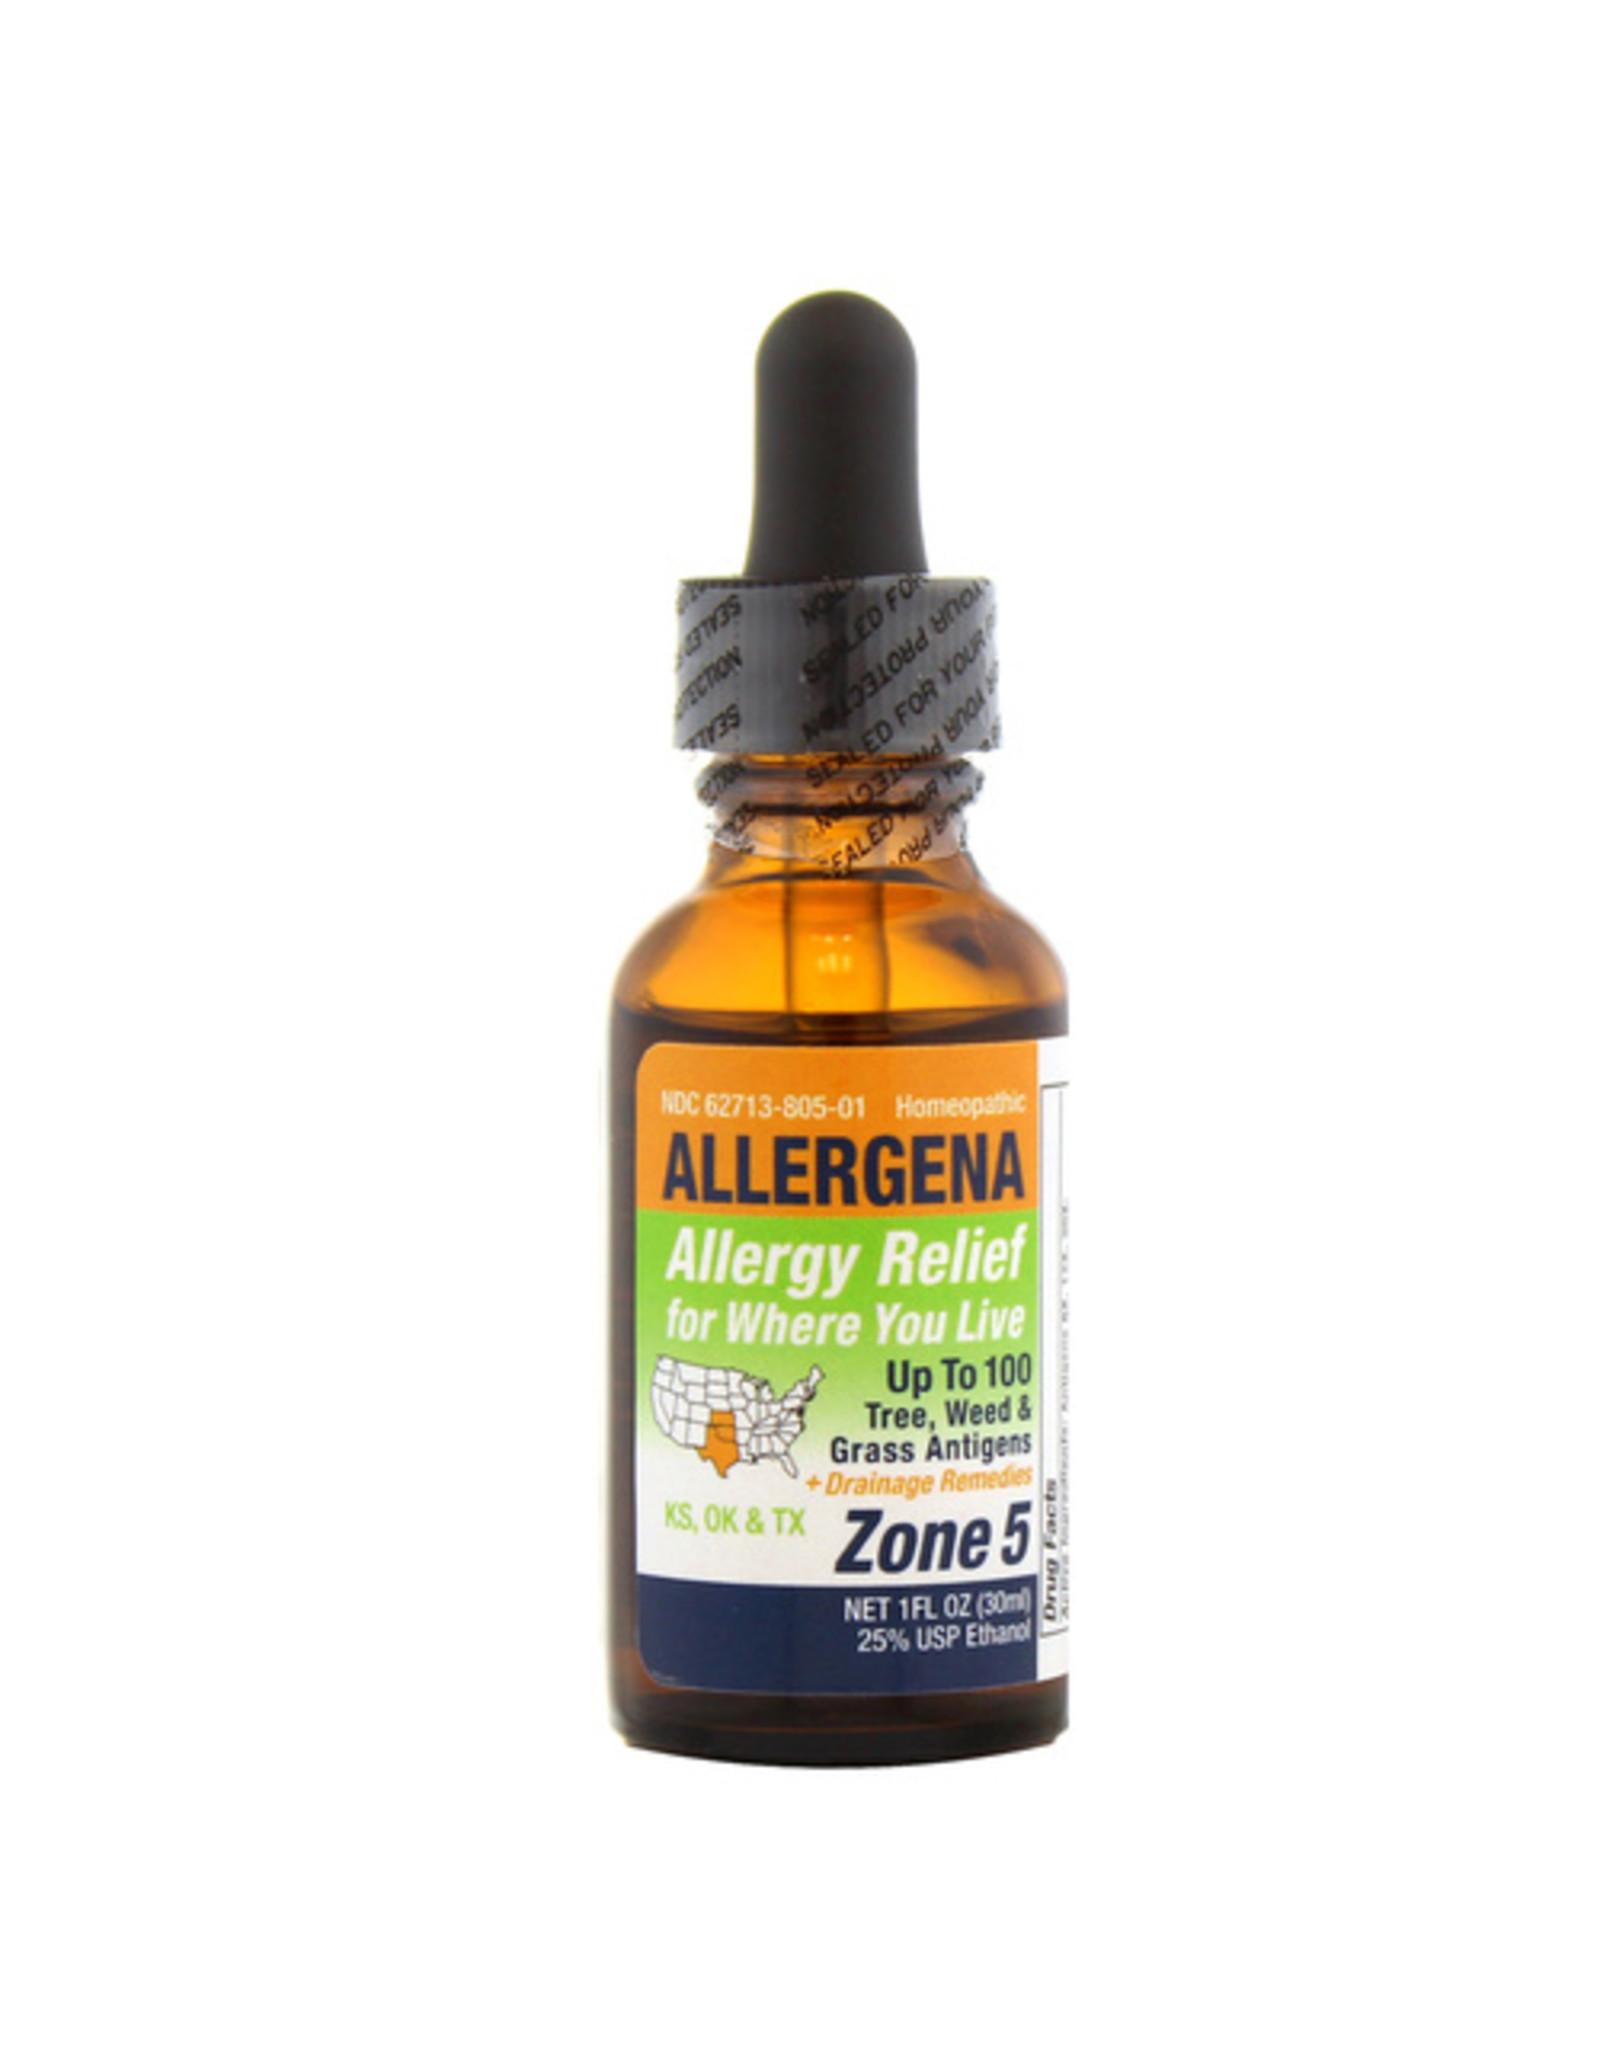 Allergena Zone 5 (1oz)